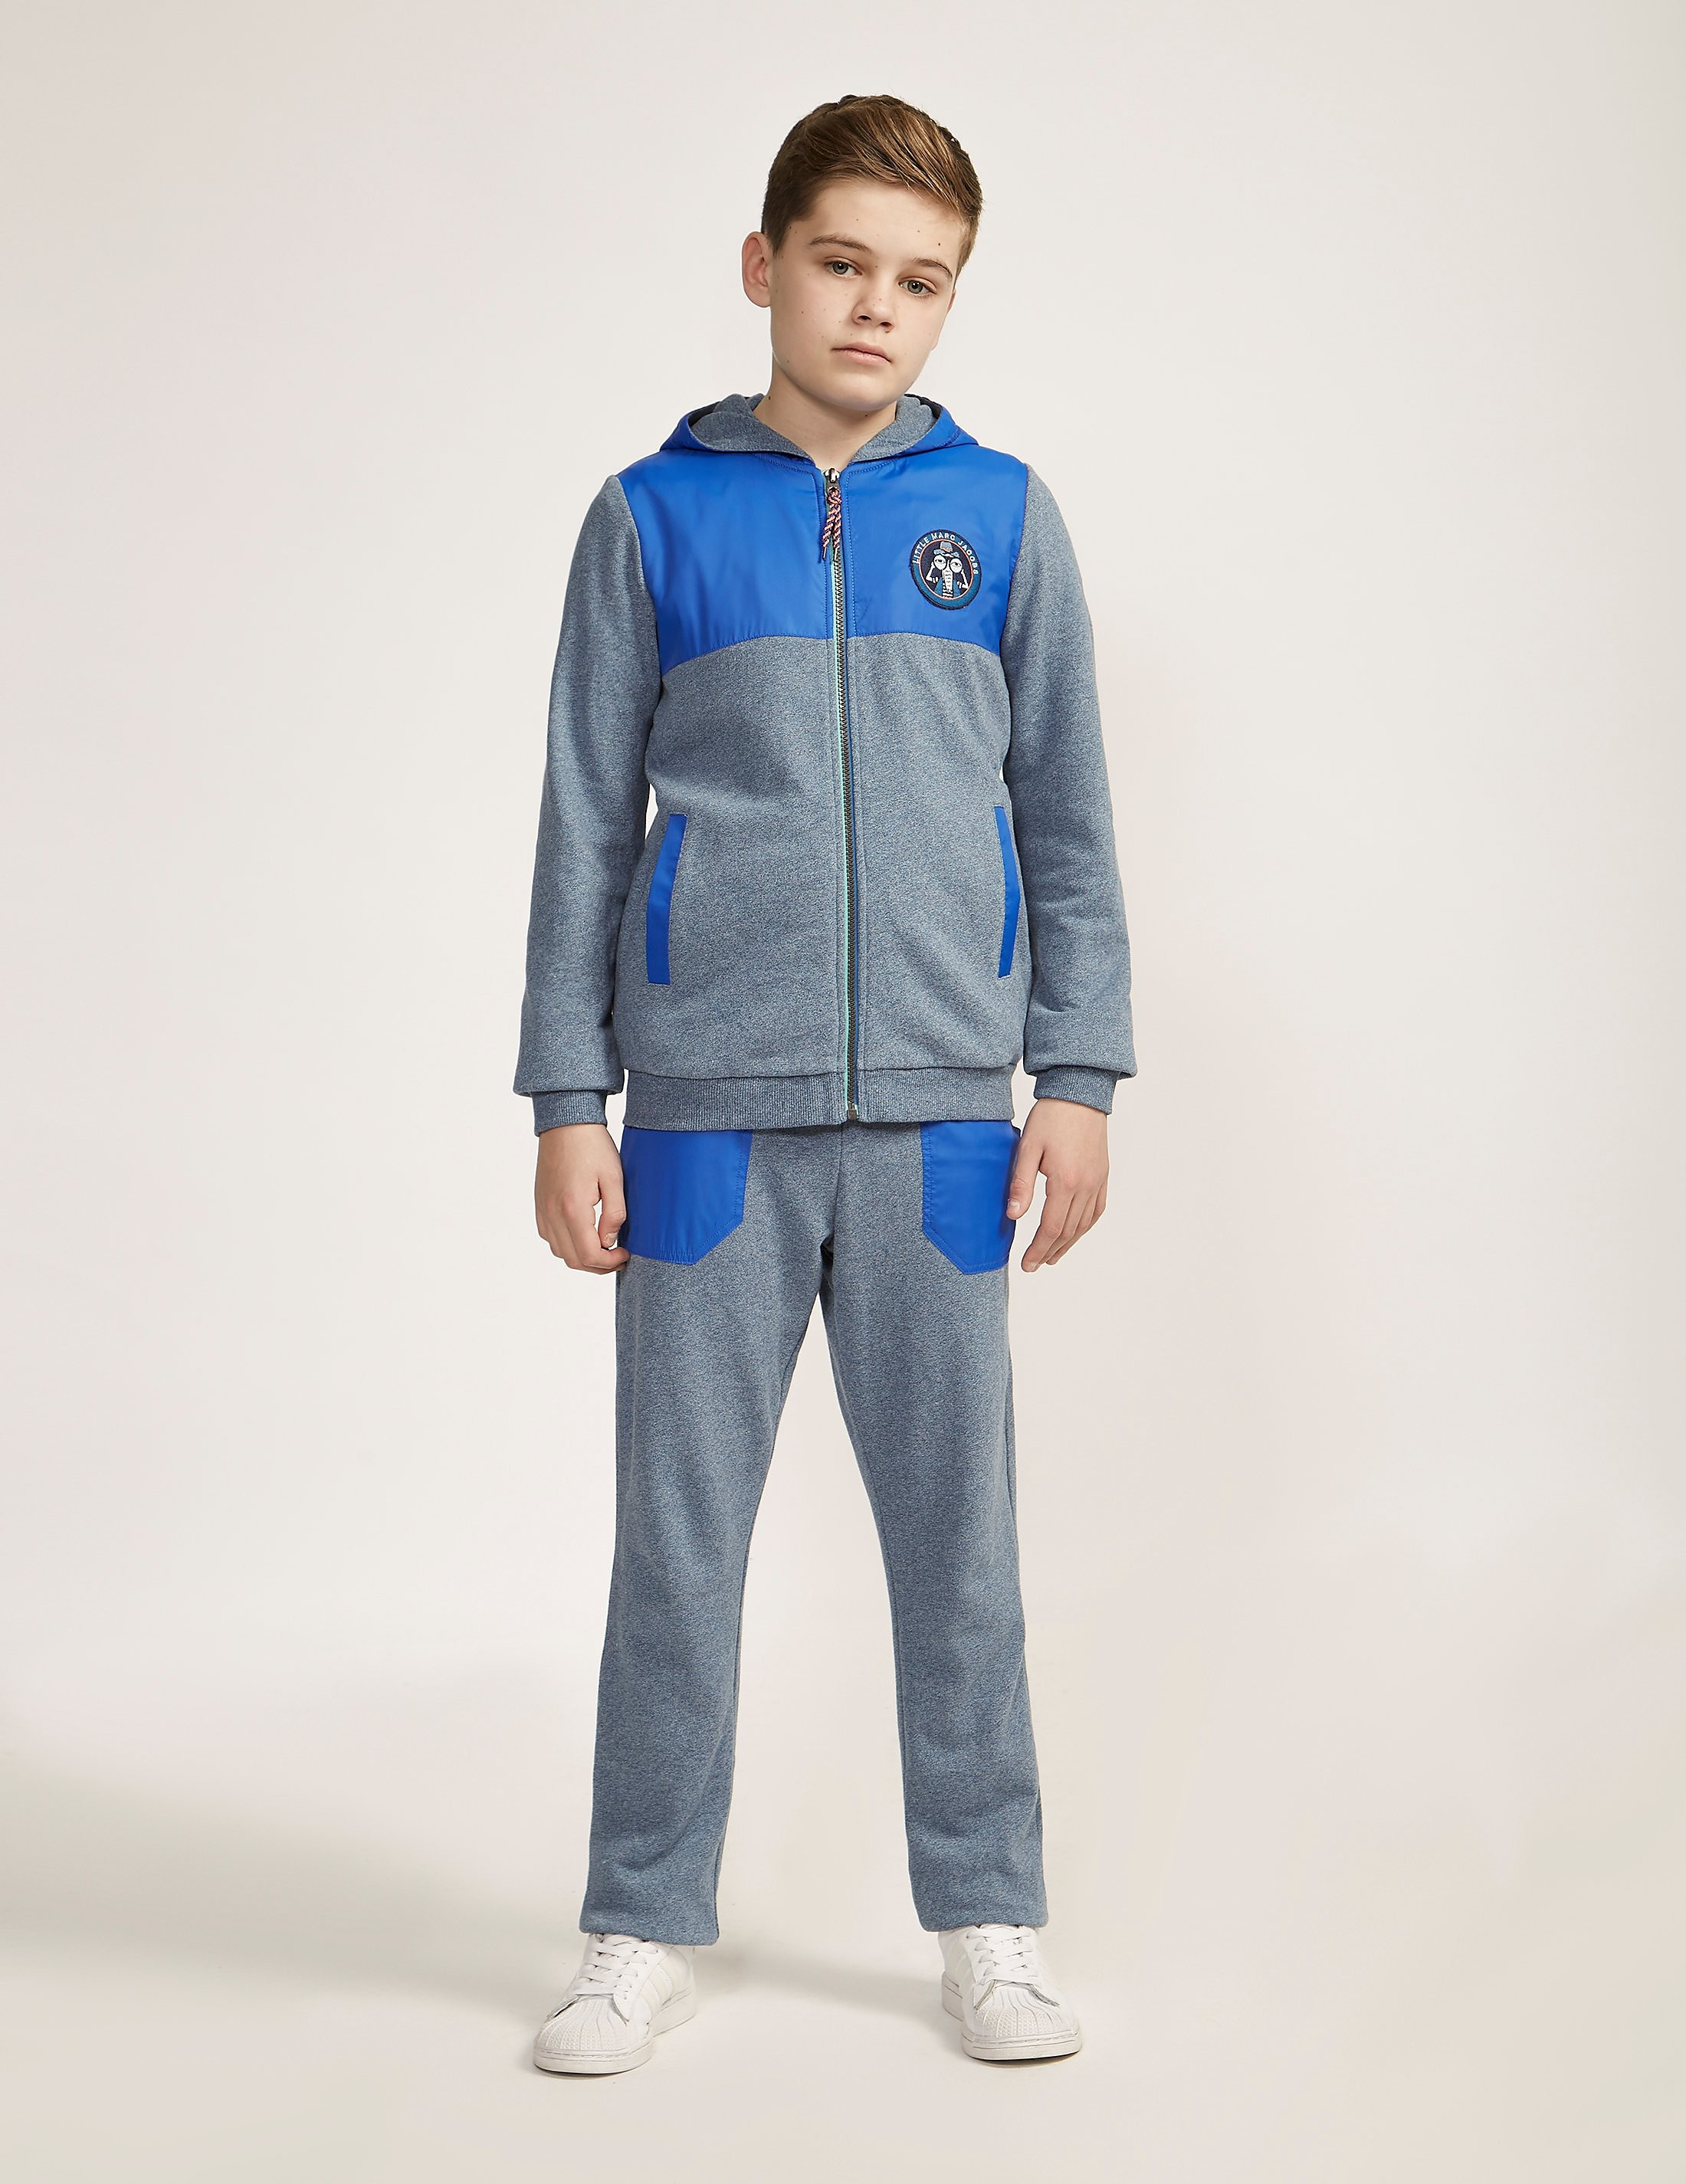 Little Marc Jacobs Kids' Jogging Pants